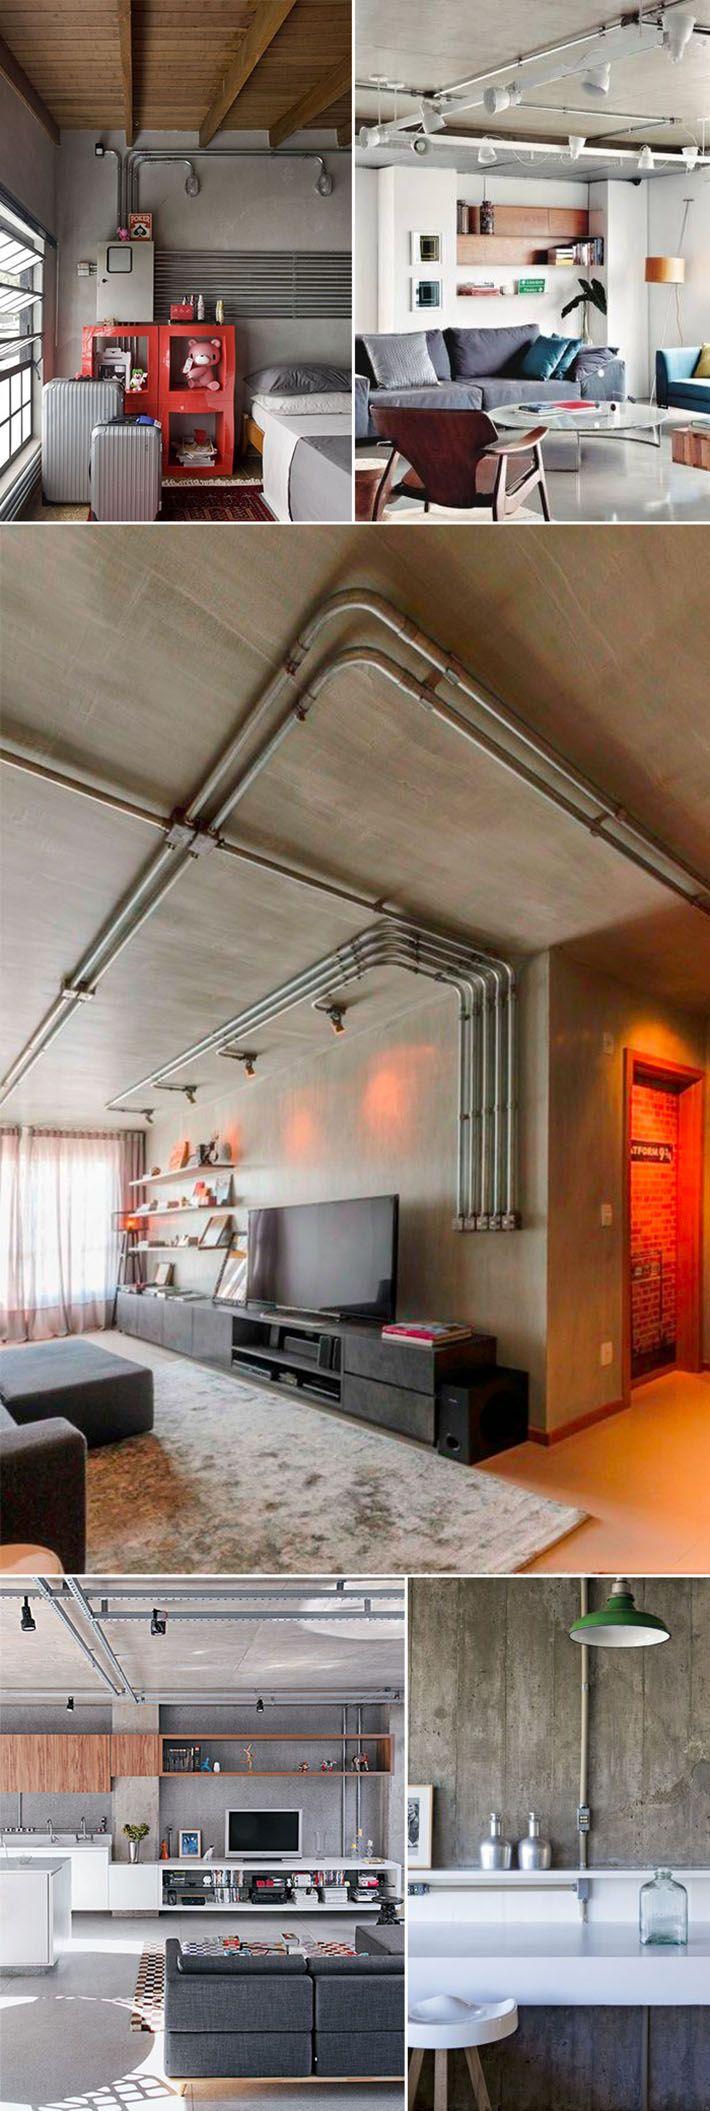 A decoração industrial tem se tornado cada vez mais queridinha entre os fãs de um estilo mais moderno. Veja no blog tudo o que combina e faz parte deste estilo!